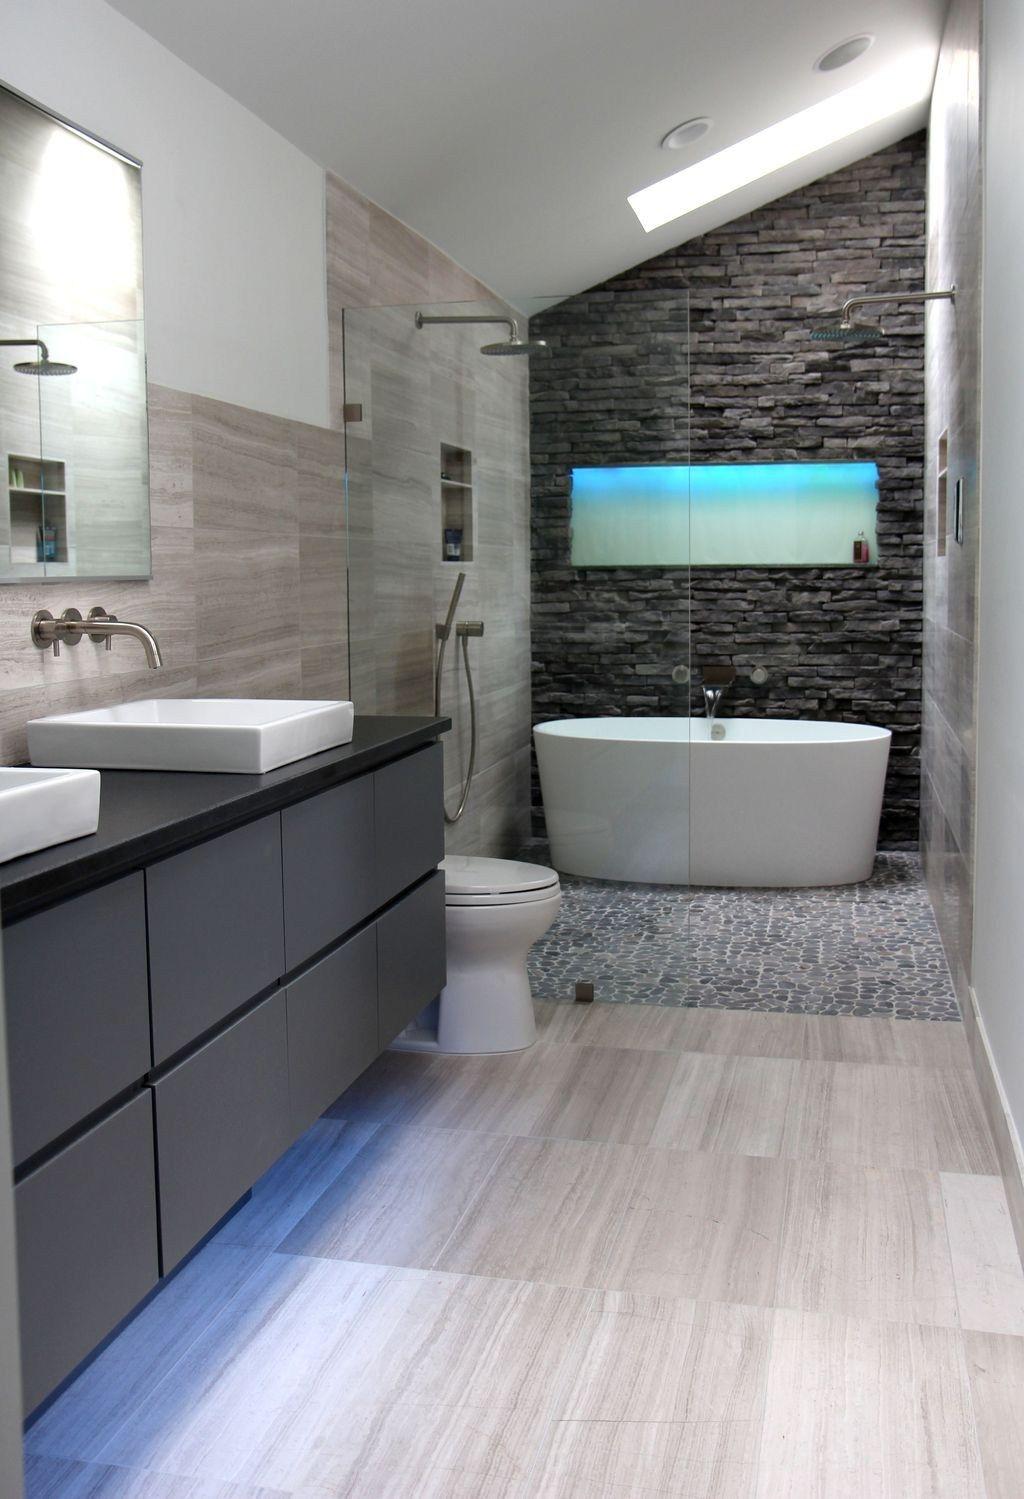 44 Popular Modern Contemporary Bathroom Design Ideas To Make